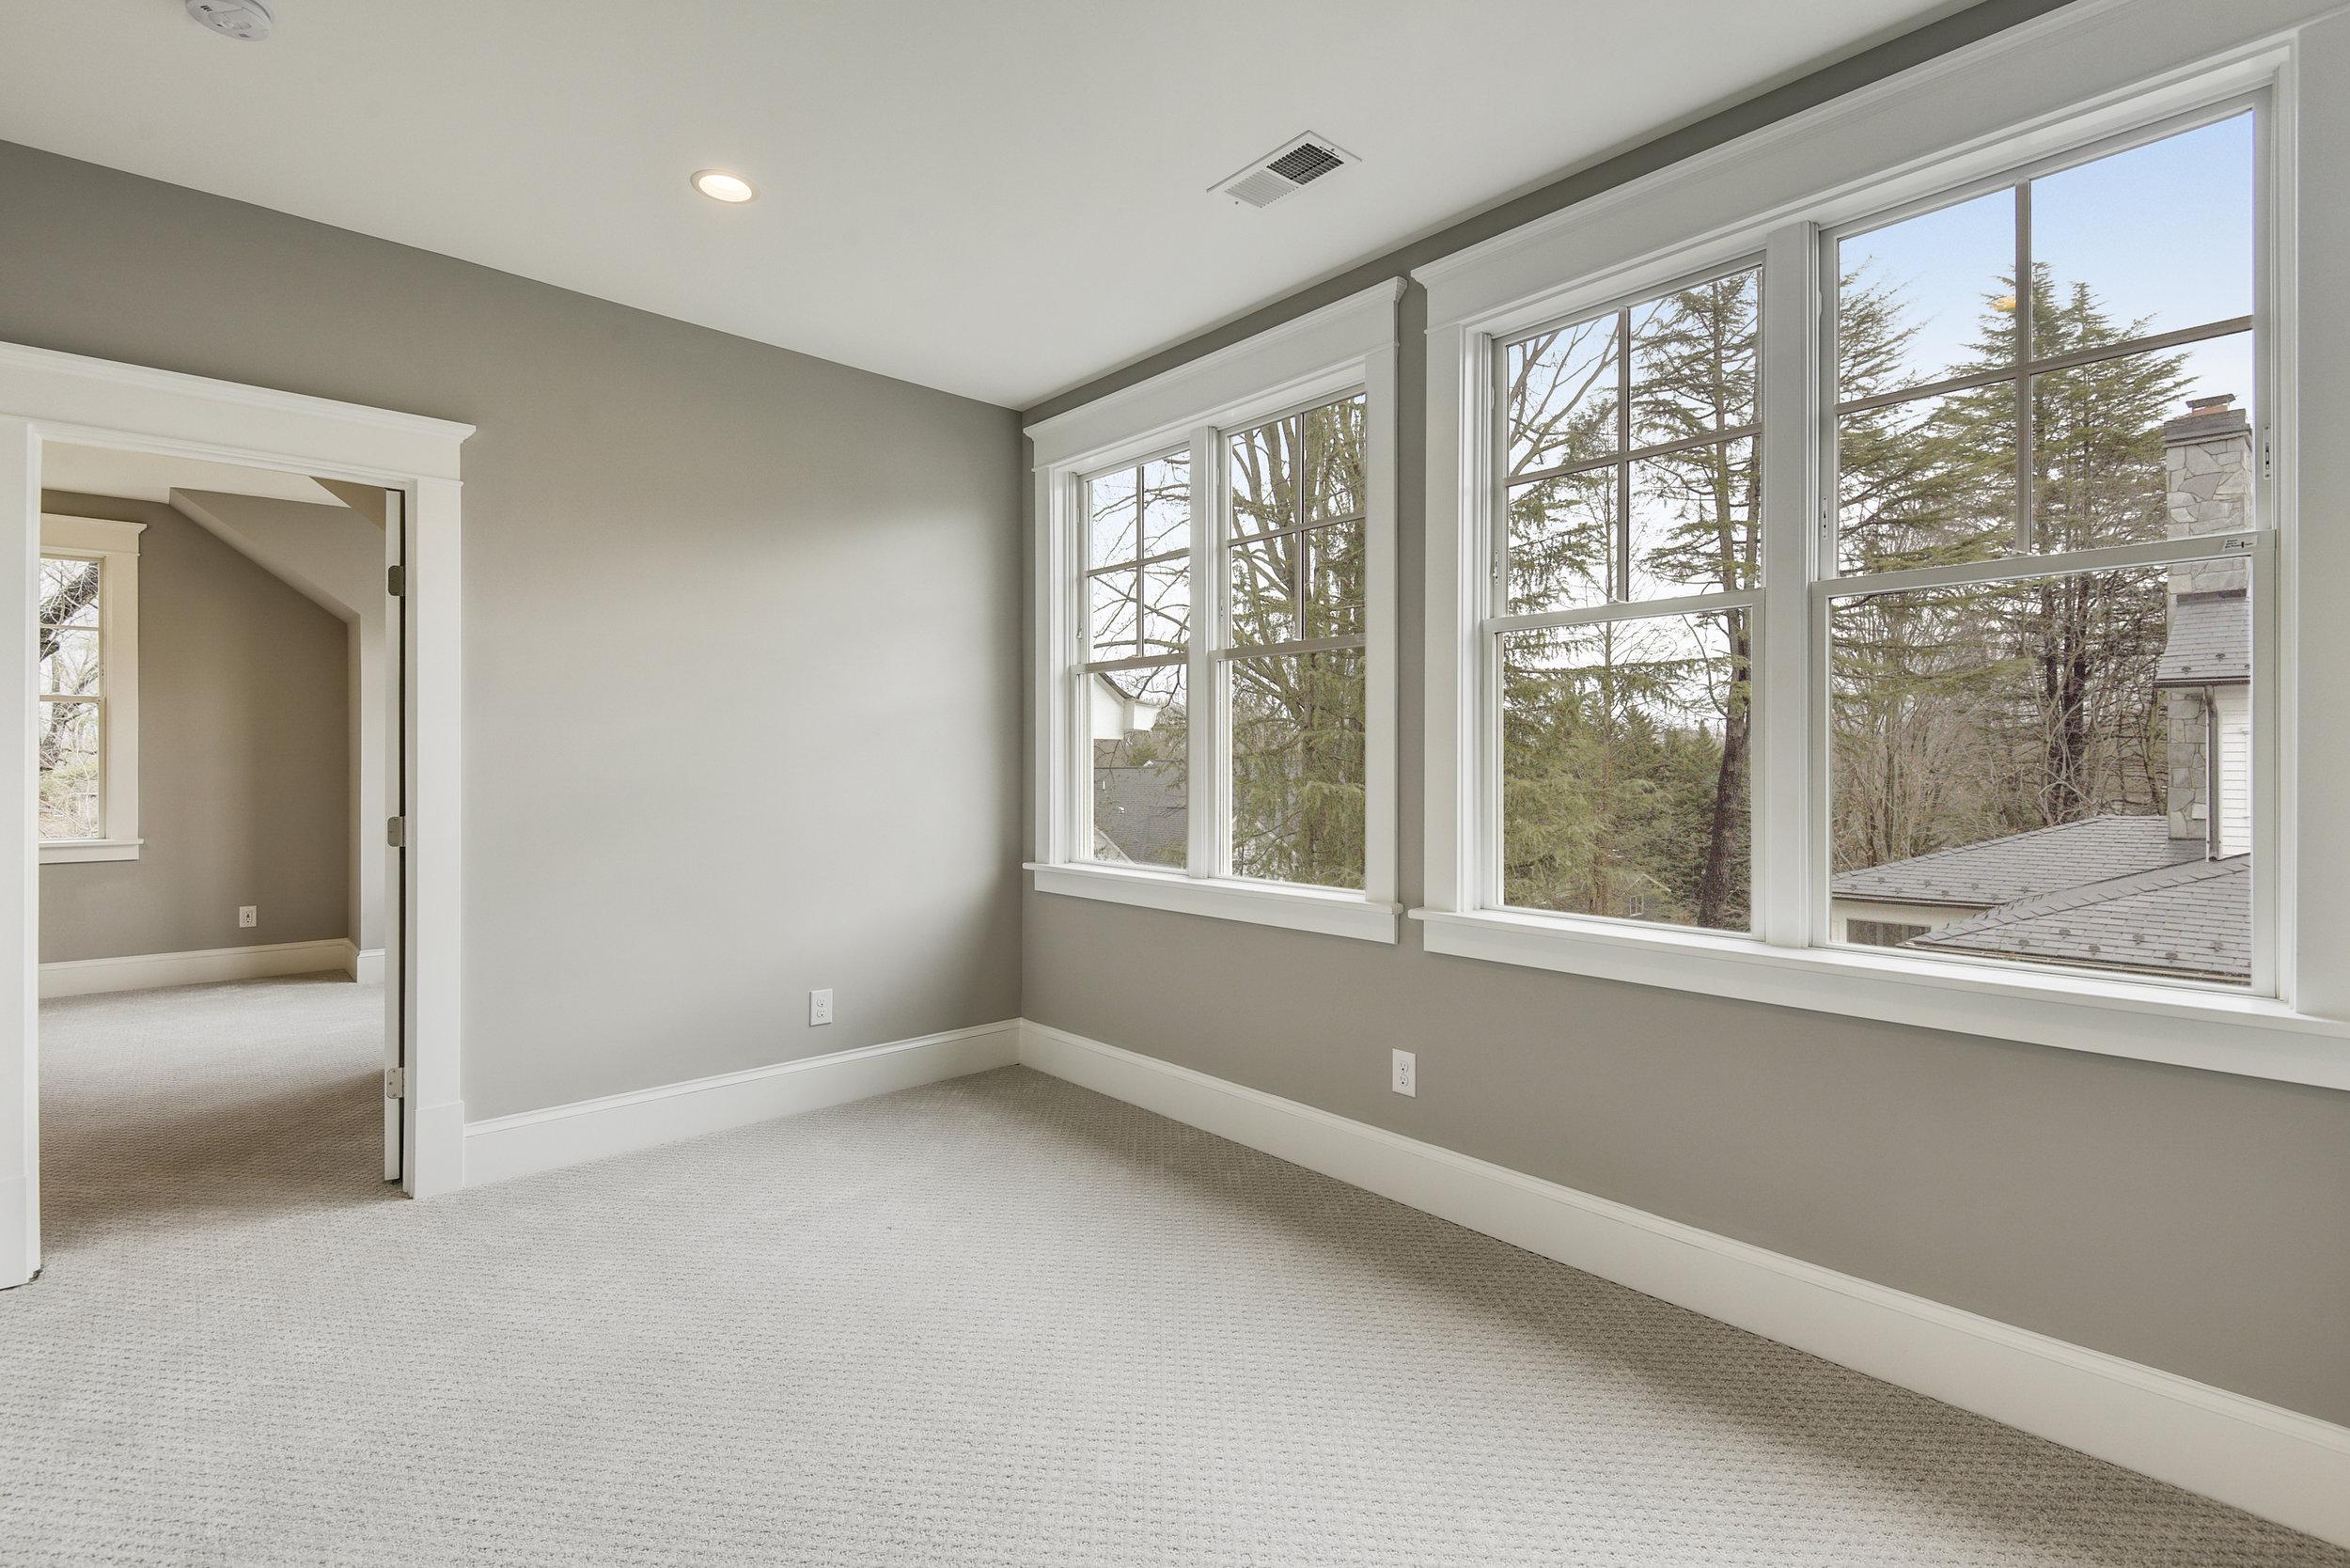 Guest Suite-Living Area-_DSC9380.JPG